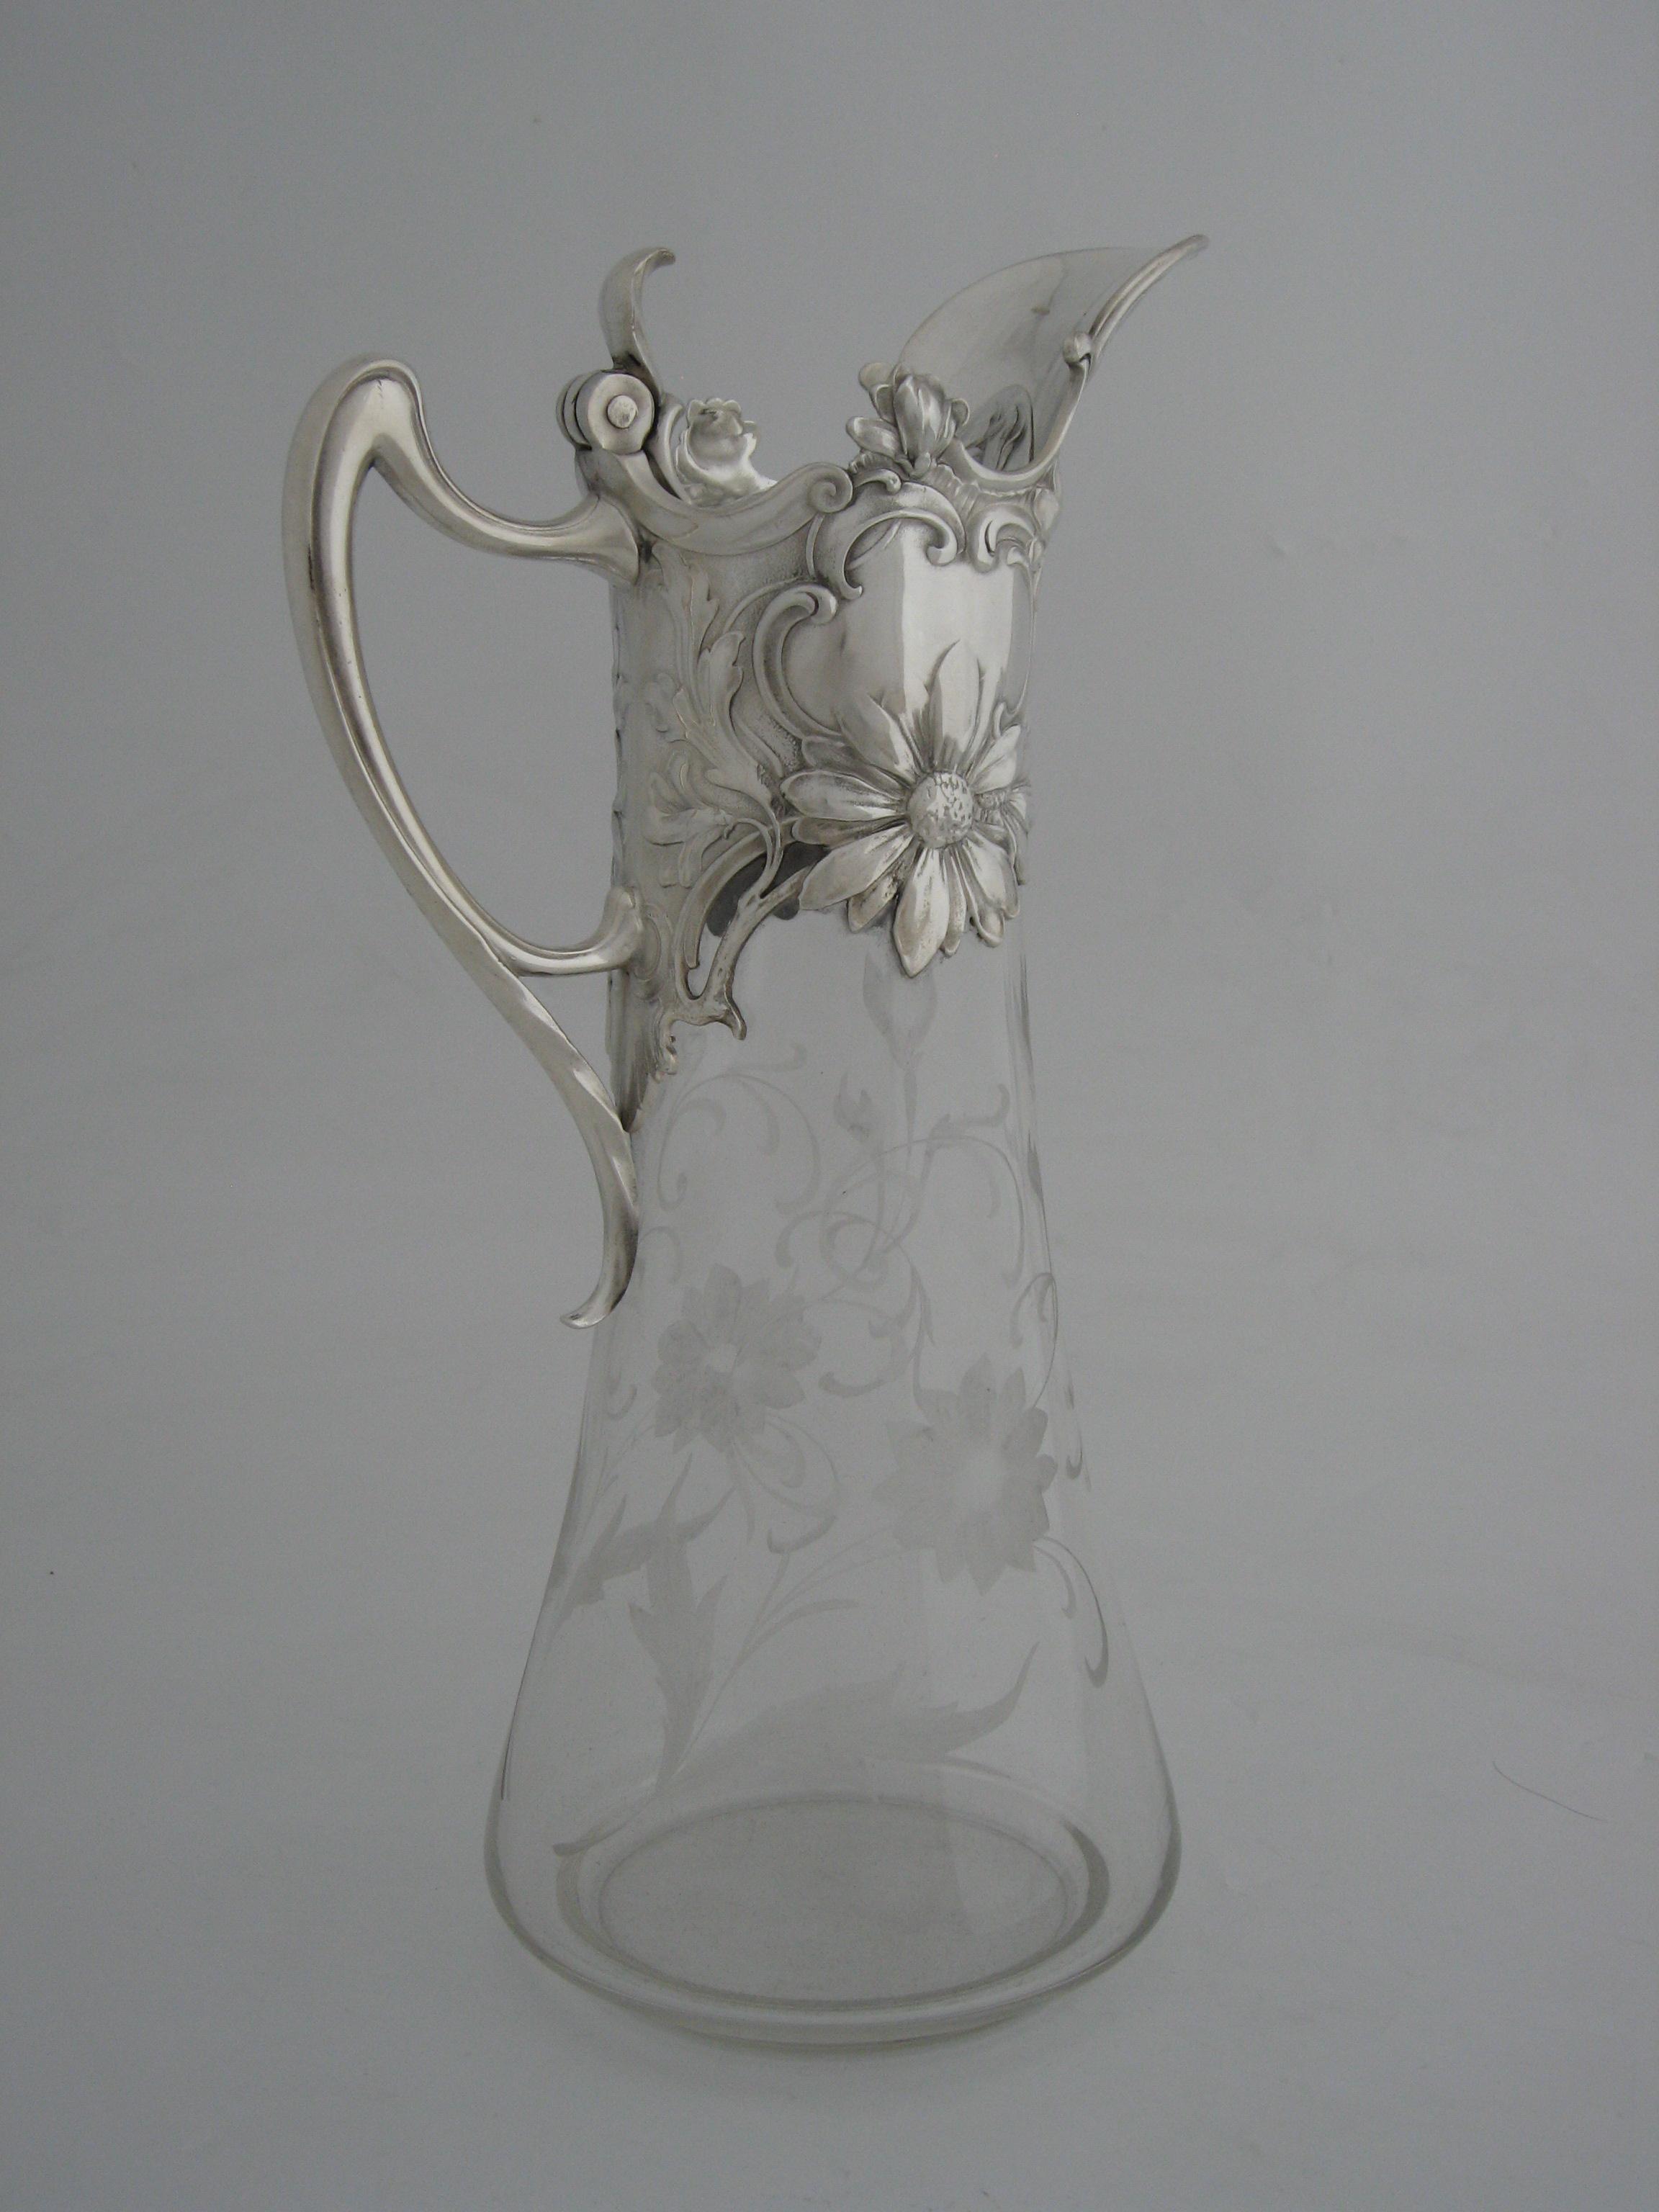 WMF Saucenkelle Fächermuster kleine Kelle 90er Silberauflae ca.17cm